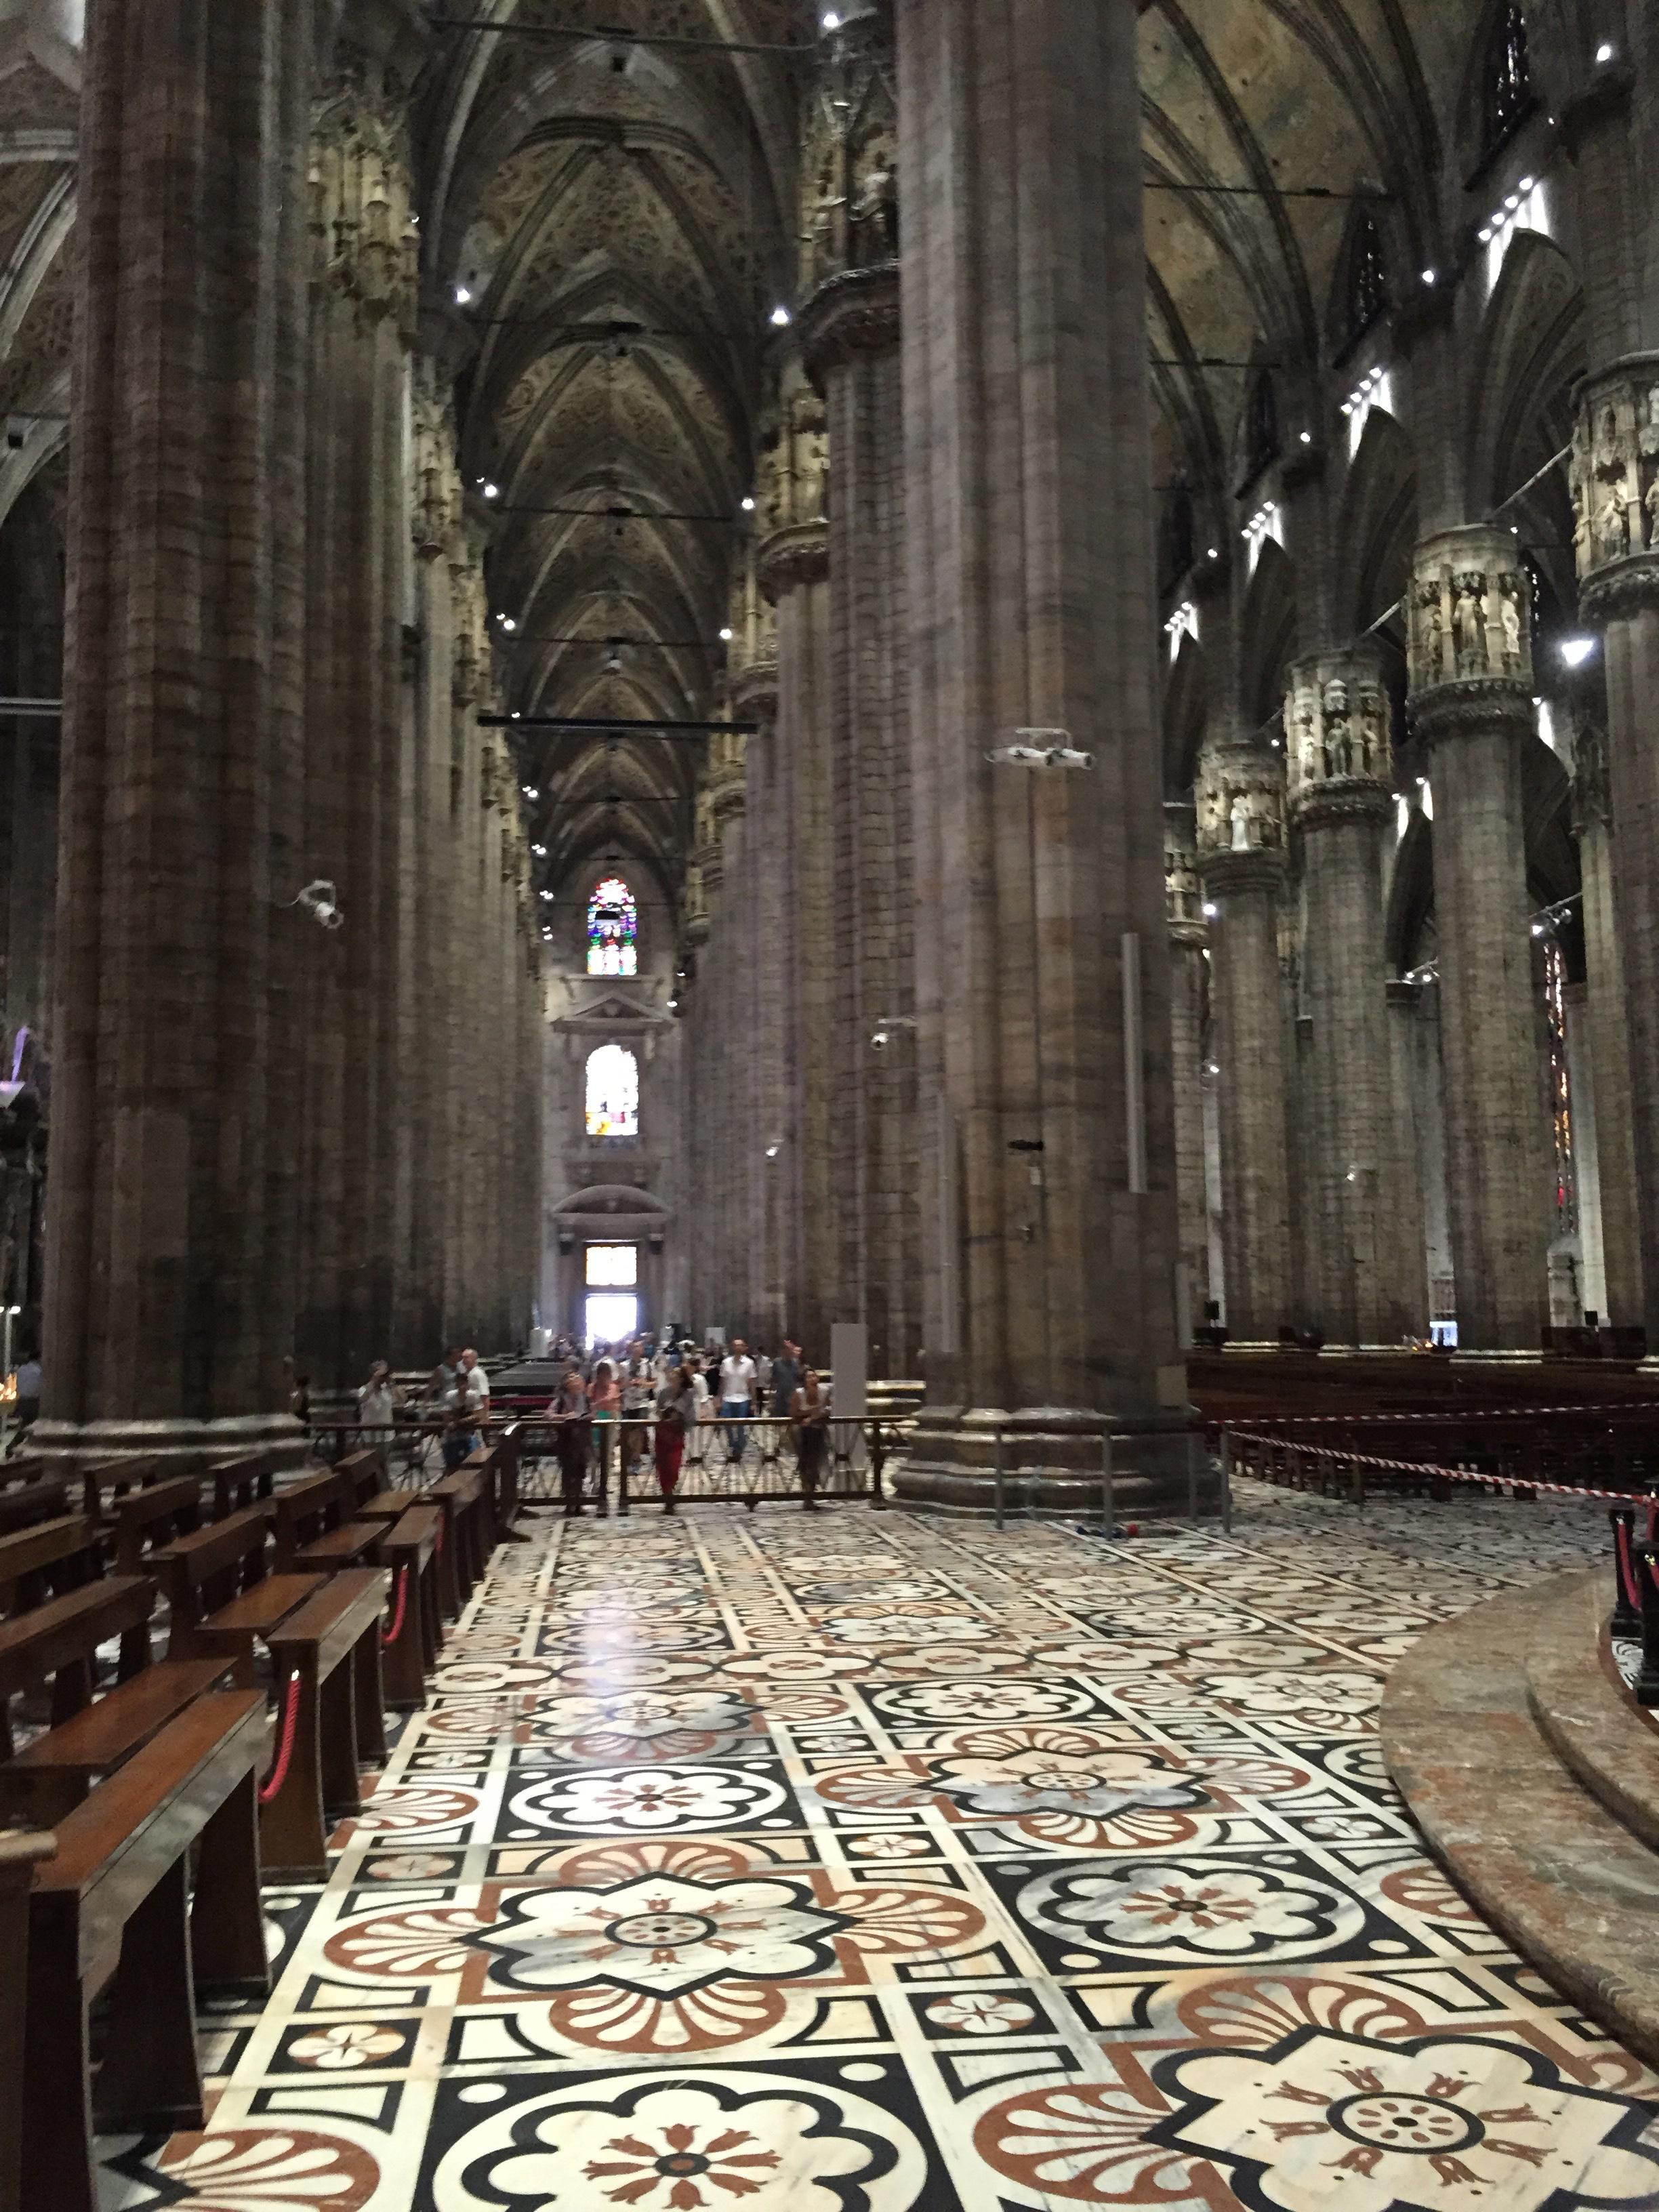 Duomo aisles lkg back